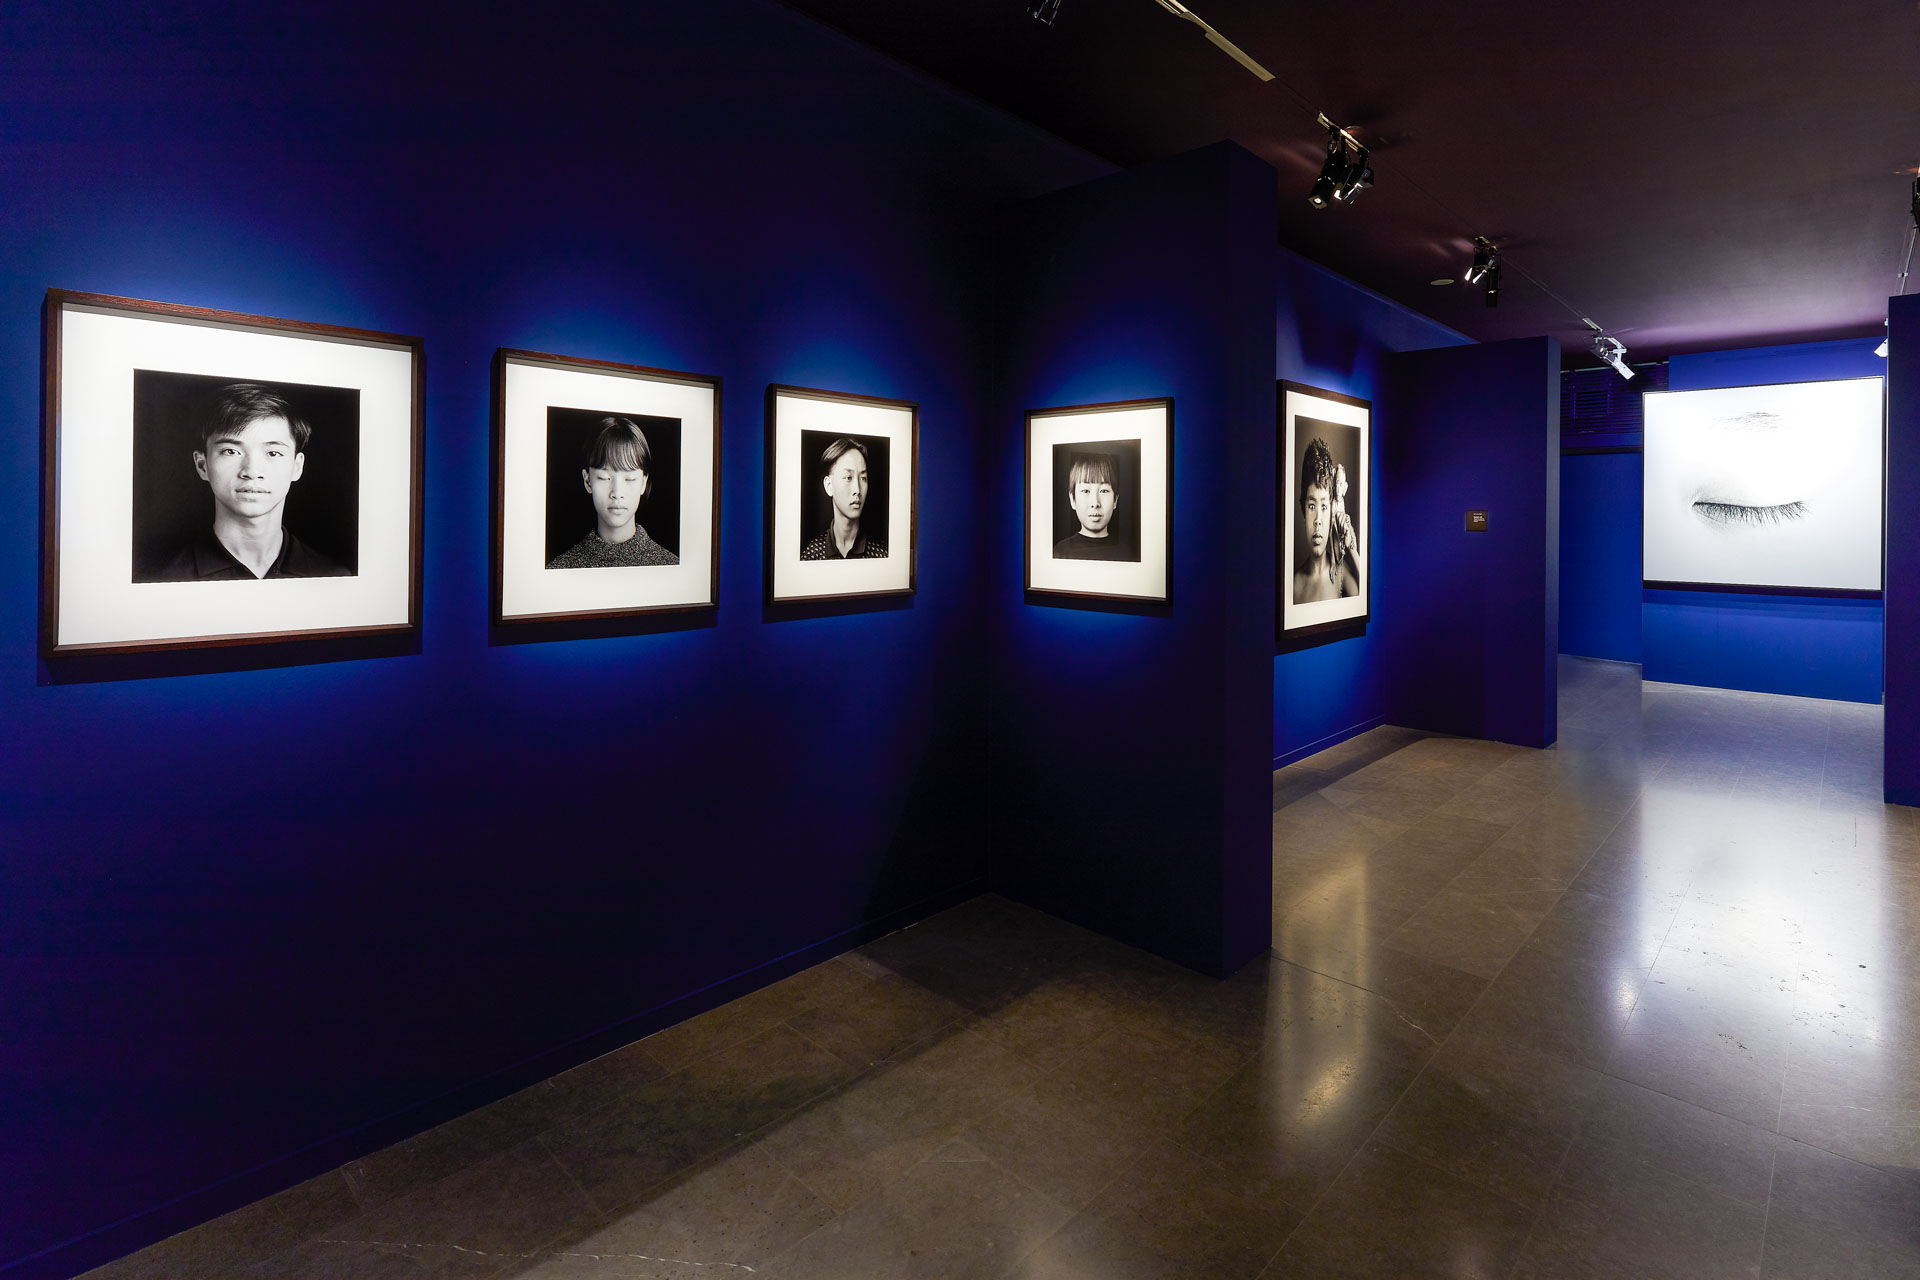 Scénographie de l'exposition Infinis d'Asie de Jean-Baptiste Huynh au musée National des Arts Asiatiques Guimet, Paris, du 20 février au 20 mai 2019.